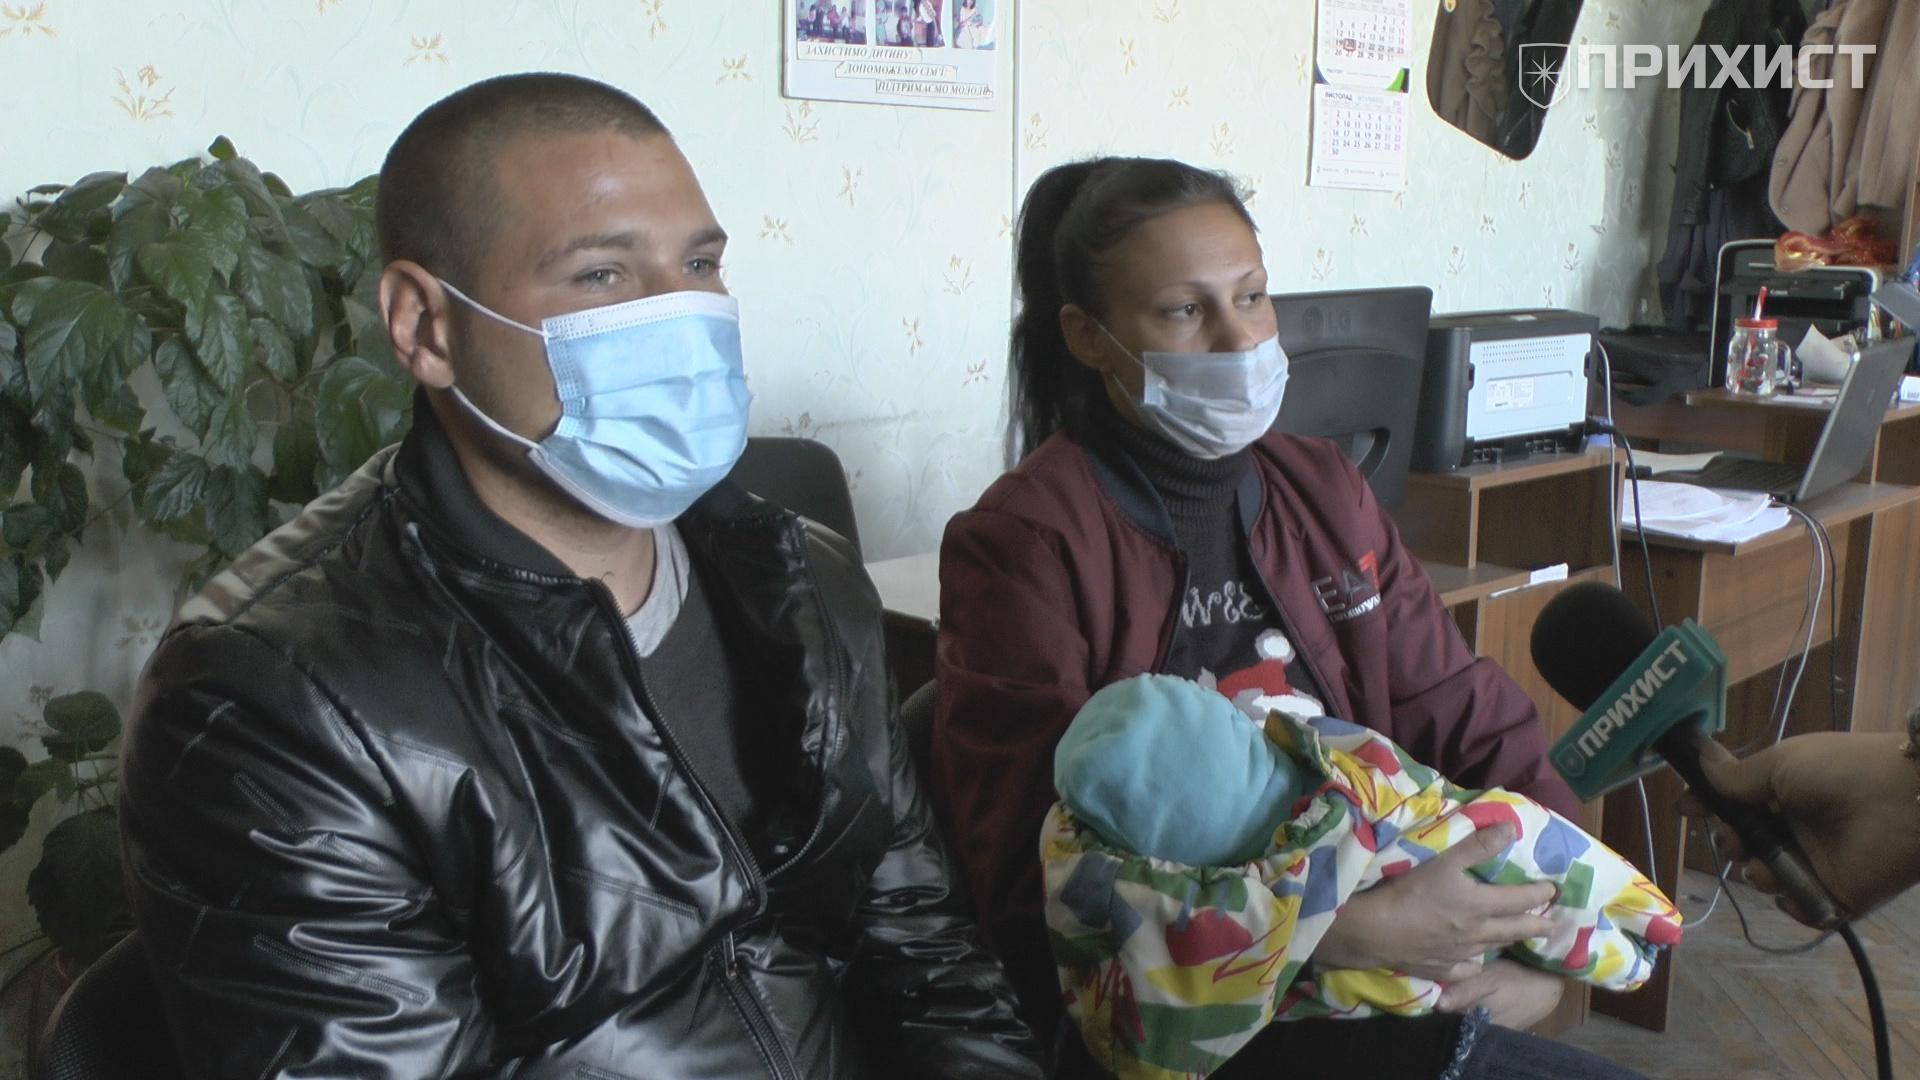 Крик о помощи, или Необдуманный поступок: отец искал приют для трехмесячного ребенка   Прихист